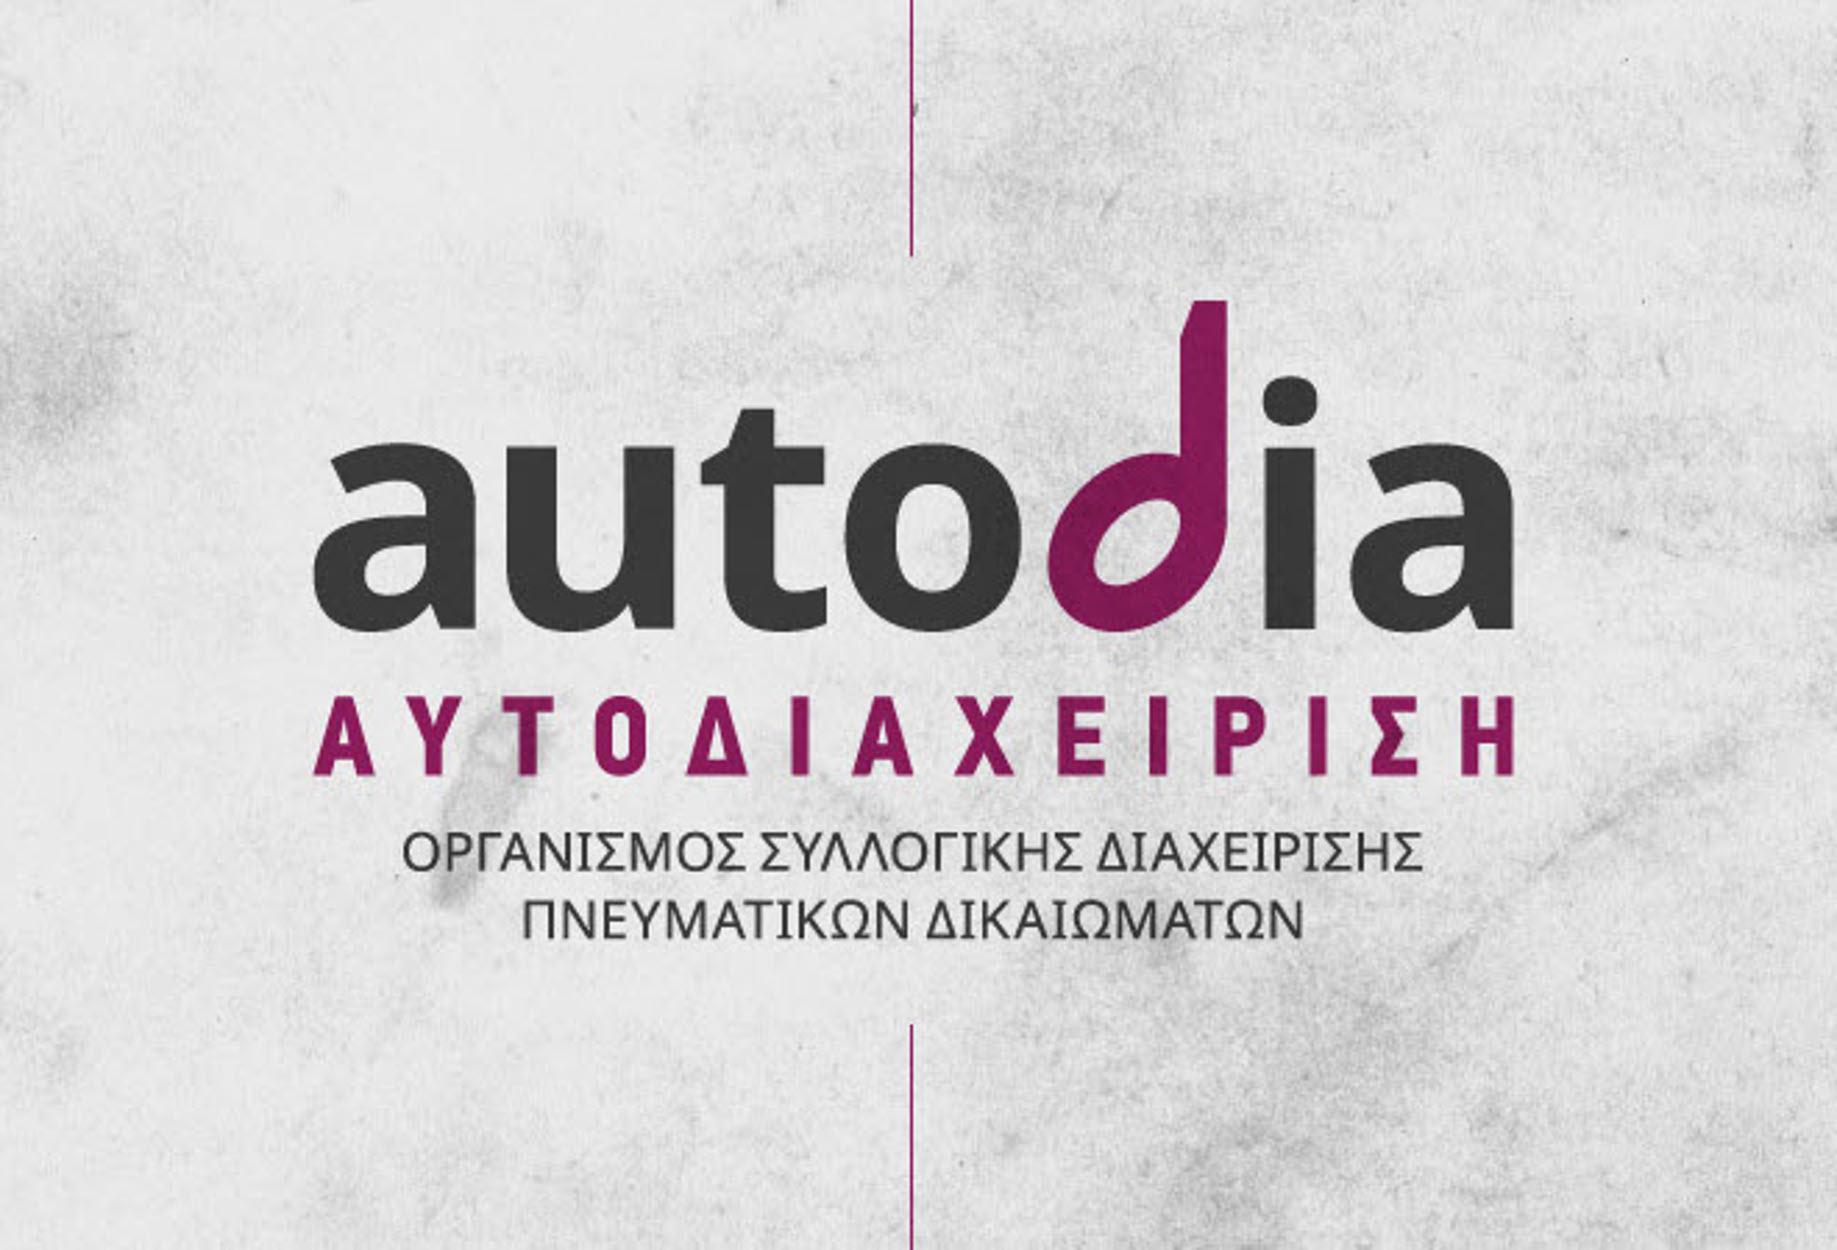 ΑΥΤΟΔΙΑΧΕΙΡΙΣΗ: Συσπείρωση δημιουργών για τα δικαιώματά τους | Newsit.gr